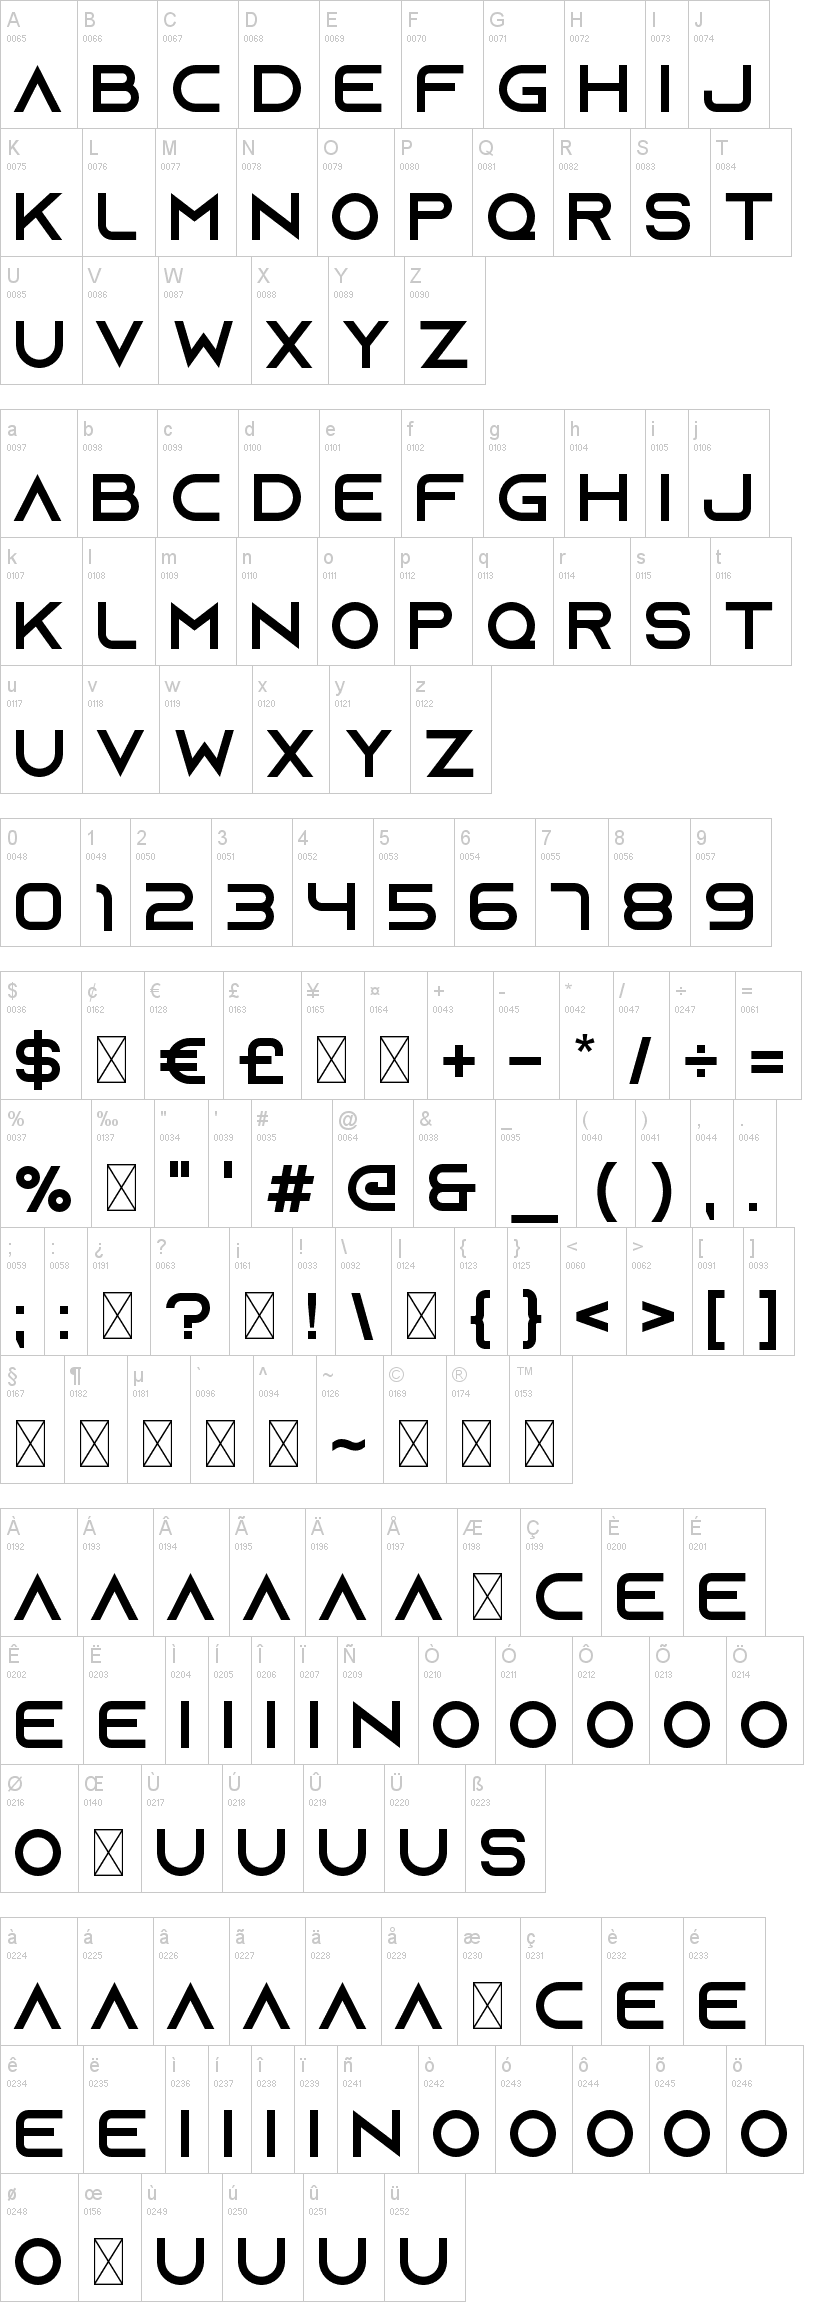 Azonix Font | dafont com